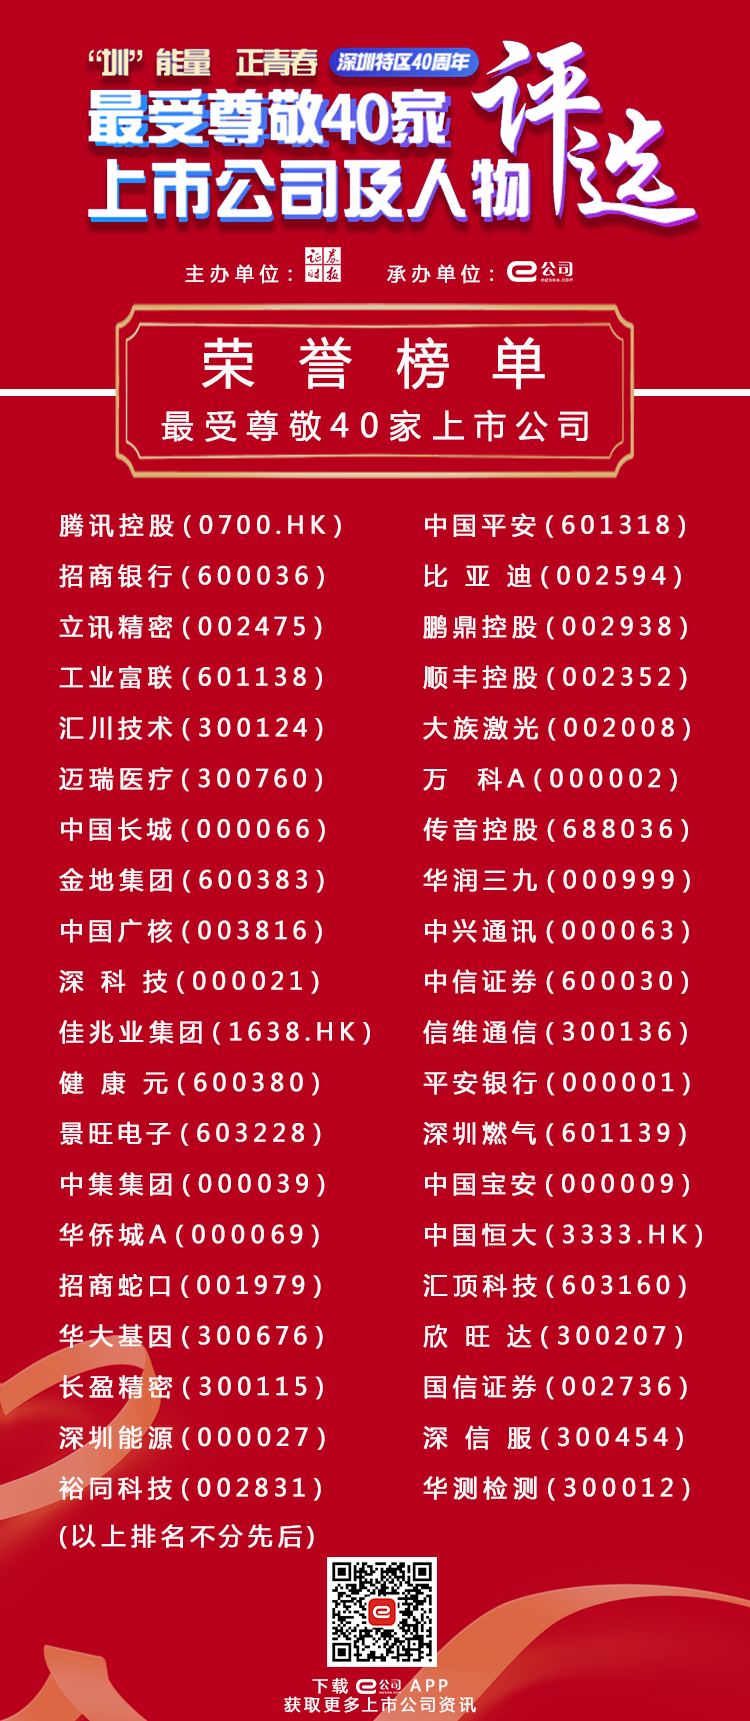 深圳特区40周年 最受尊敬40家上市公司及人物评选